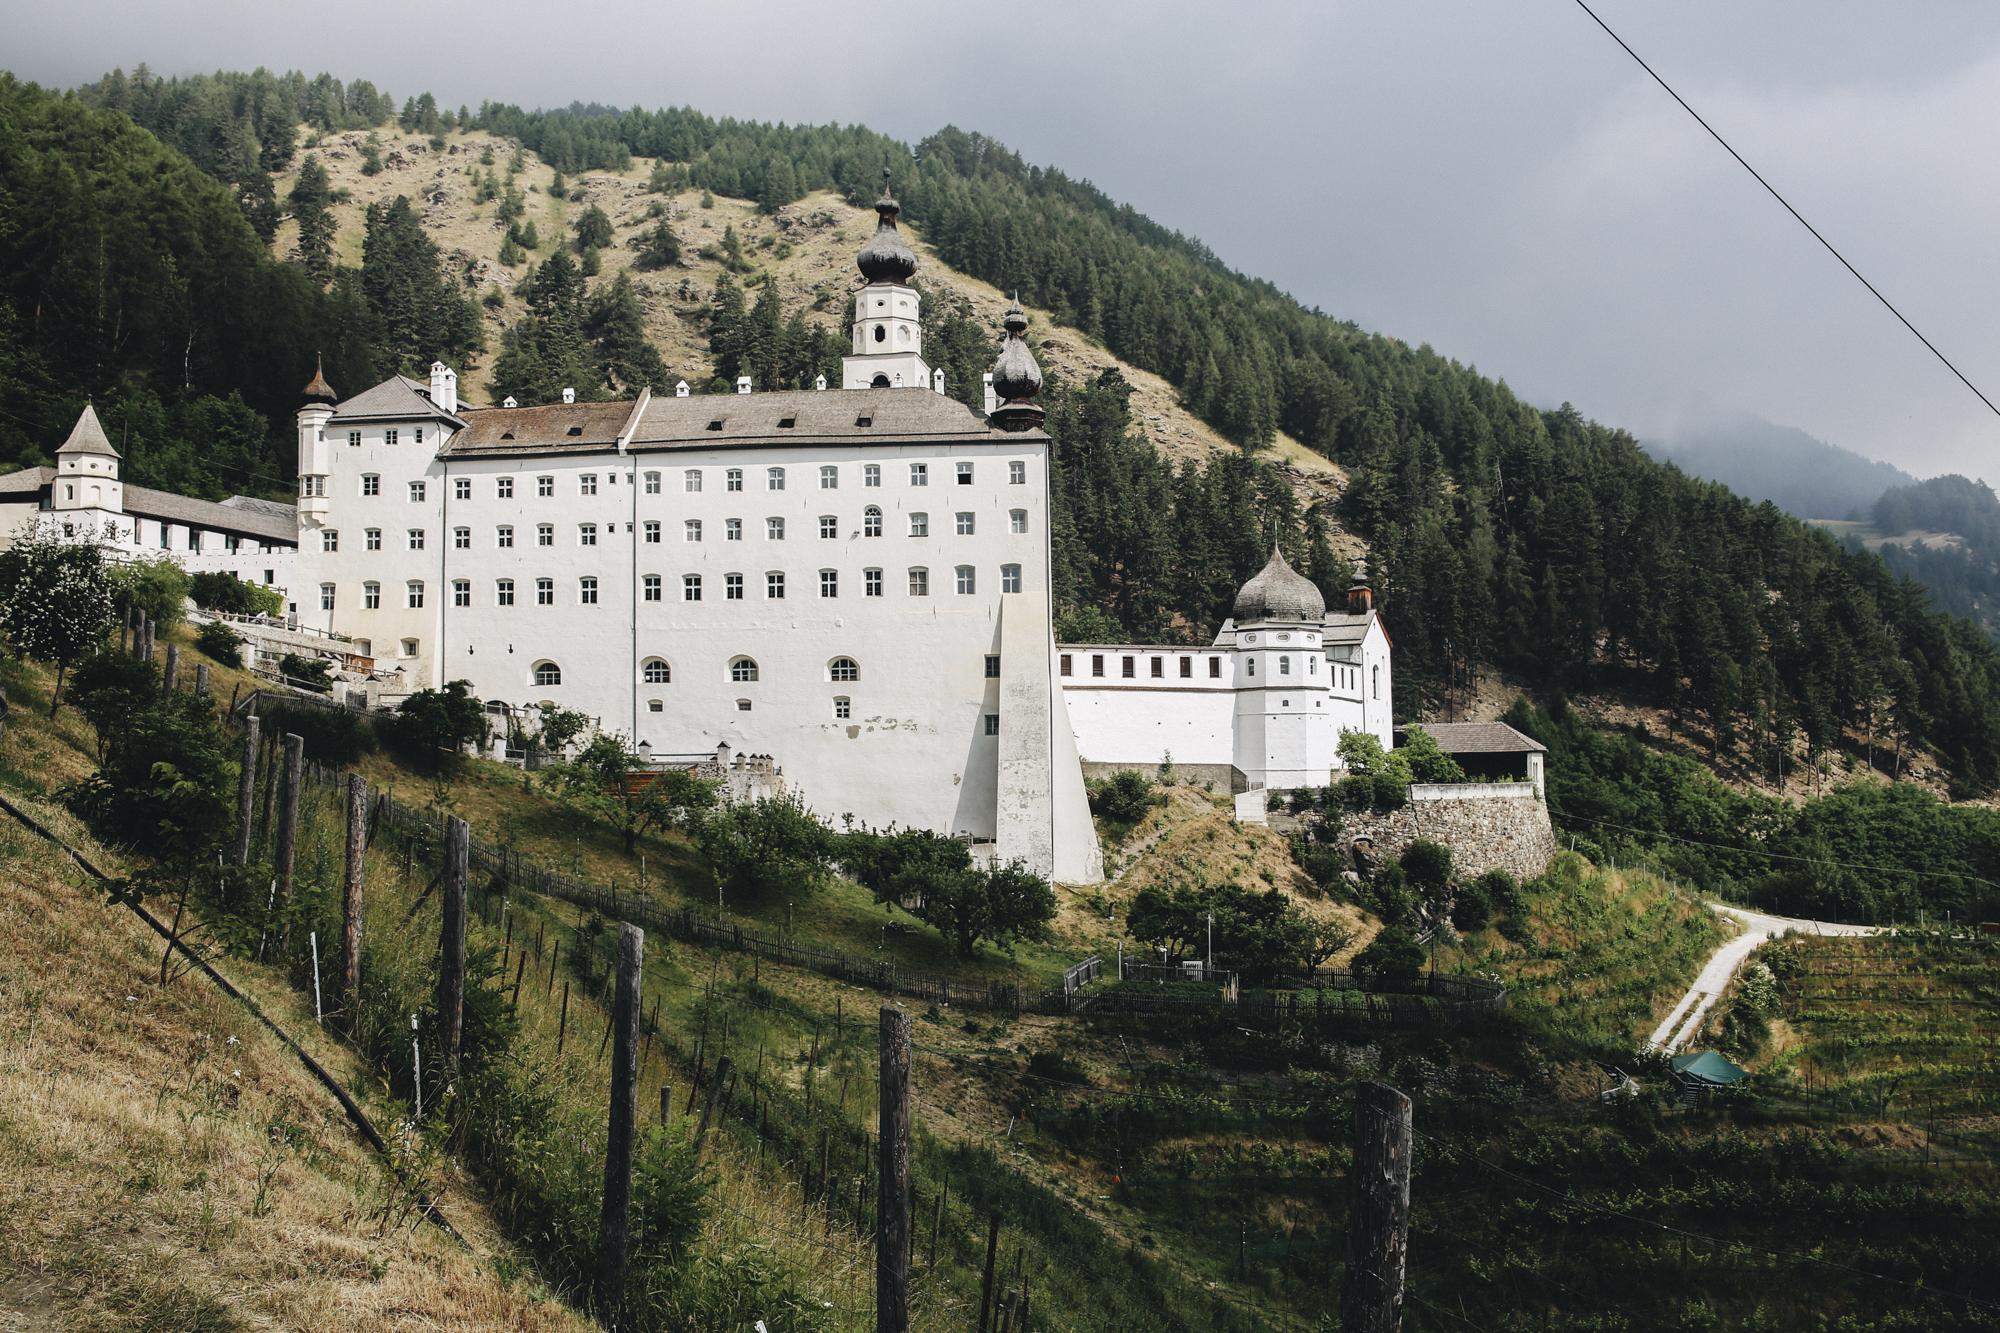 Kloster Marienberg in Burgeis Herz&Blut